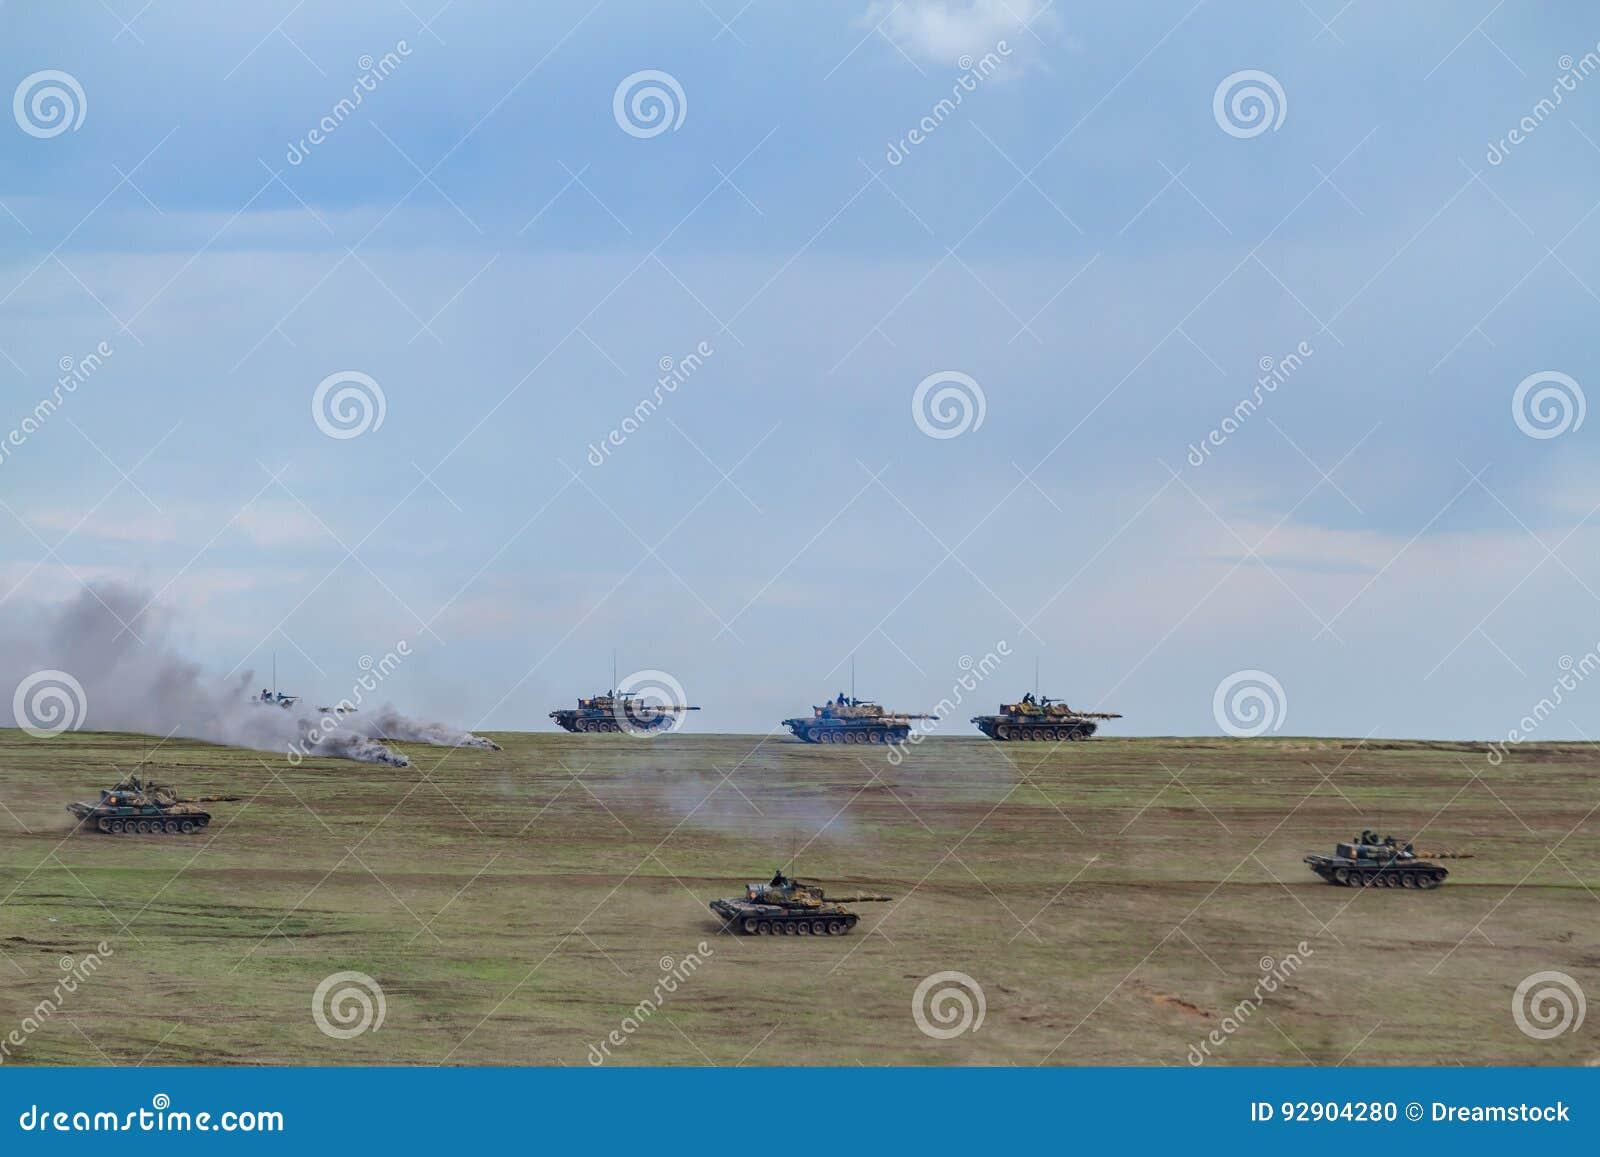 Strefa działań wojennych z zbiornikami